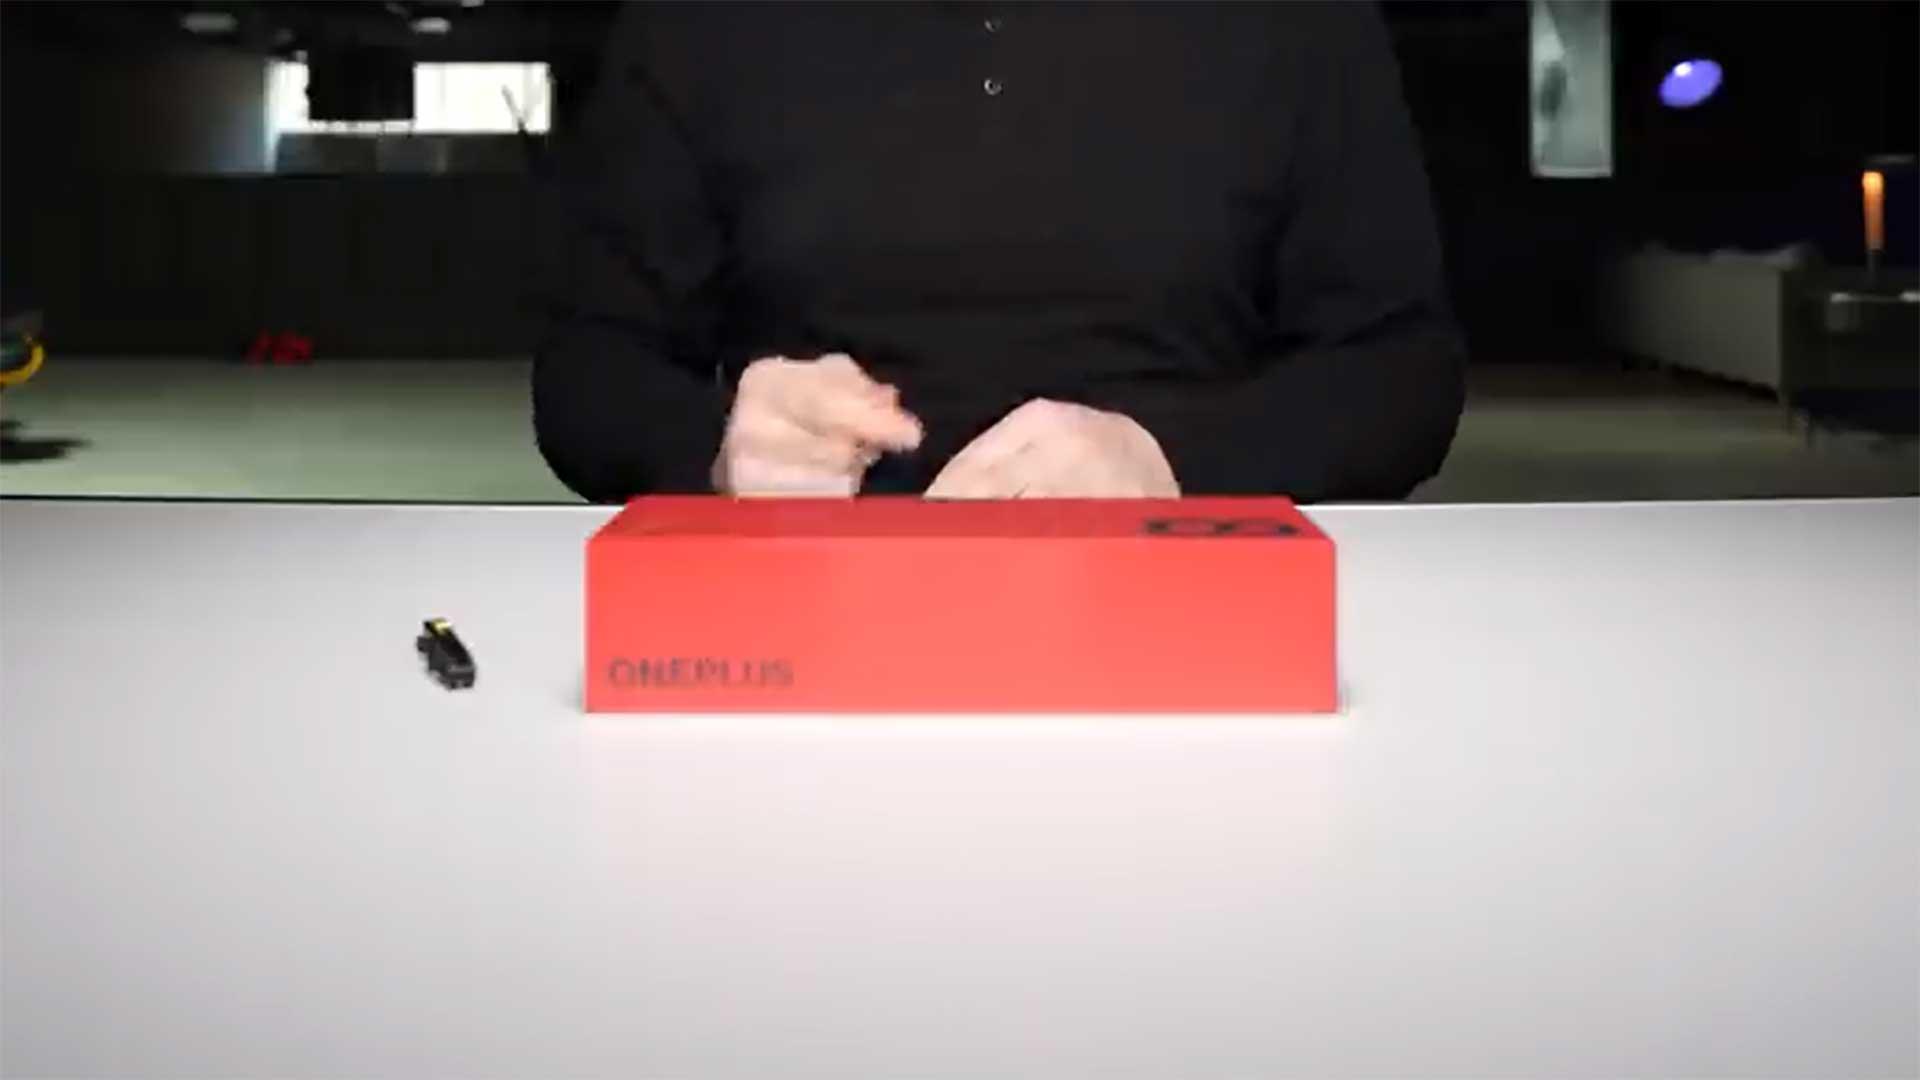 آنباکسینگ وان پلاس ۸ پرو را ببینید: طعنه به هواوی!